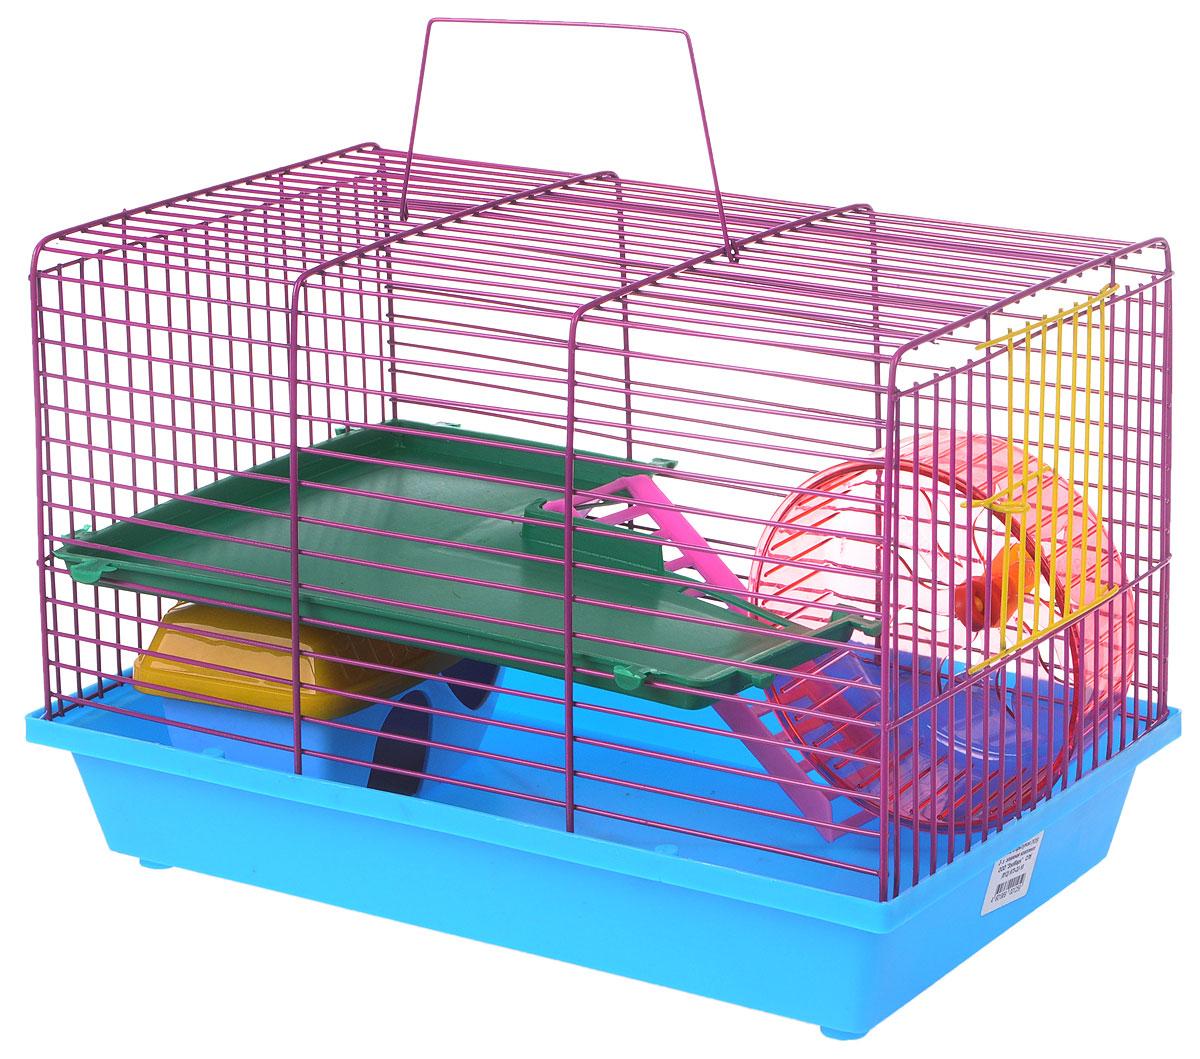 Клетка для грызунов ЗооМарк, 2-этажная, цвет: голубой поддон, фиолетовая решетка, зеленый этаж, 36 х 23 х 24 см125_голубой, фиолетовый, зеленыйКлетка ЗооМарк, выполненная из полипропилена и металла, подходит для мелких грызунов. Изделие двухэтажное, оборудовано колесом для подвижных игр и пластиковым домиком. Клетка имеет яркий поддон, удобна в использовании и легко чистится. Сверху имеется ручка для переноски, а сбоку удобная дверца. Такая клетка станет уединенным личным пространством и уютным домиком для маленького грызуна.